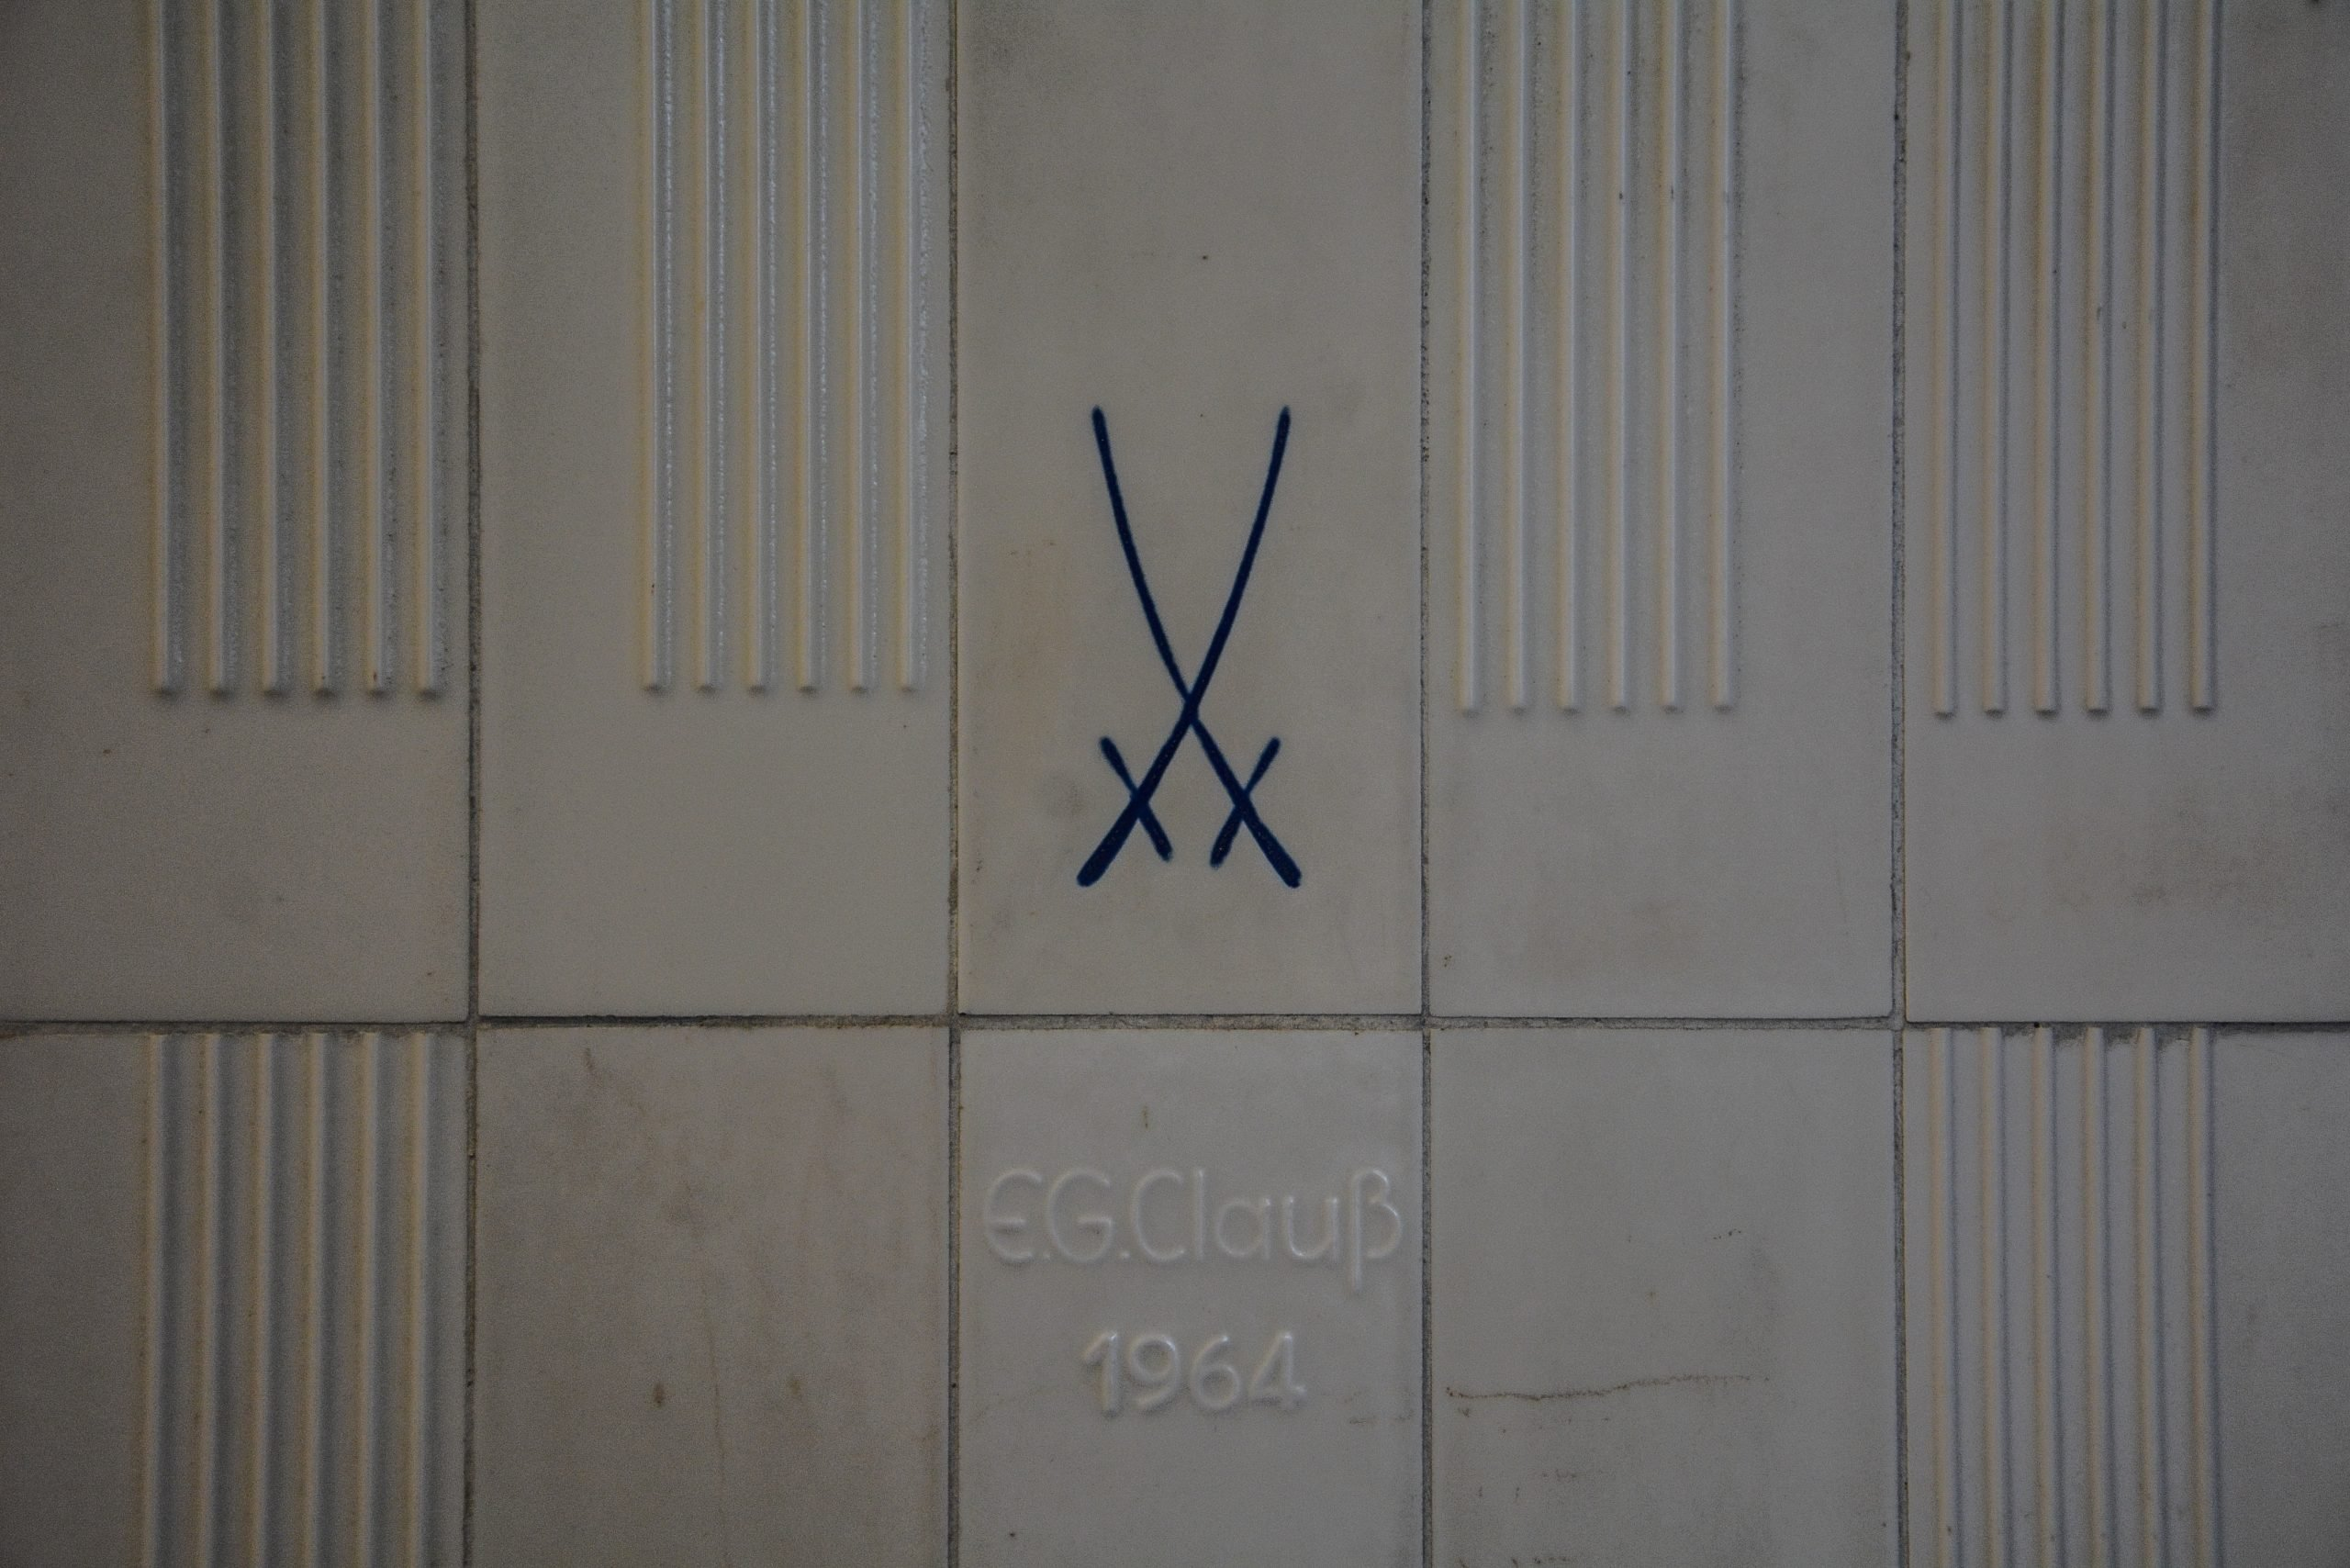 meissen fliesse eingang Tstaatsratsgebaeude berlin DDR state council building esmt